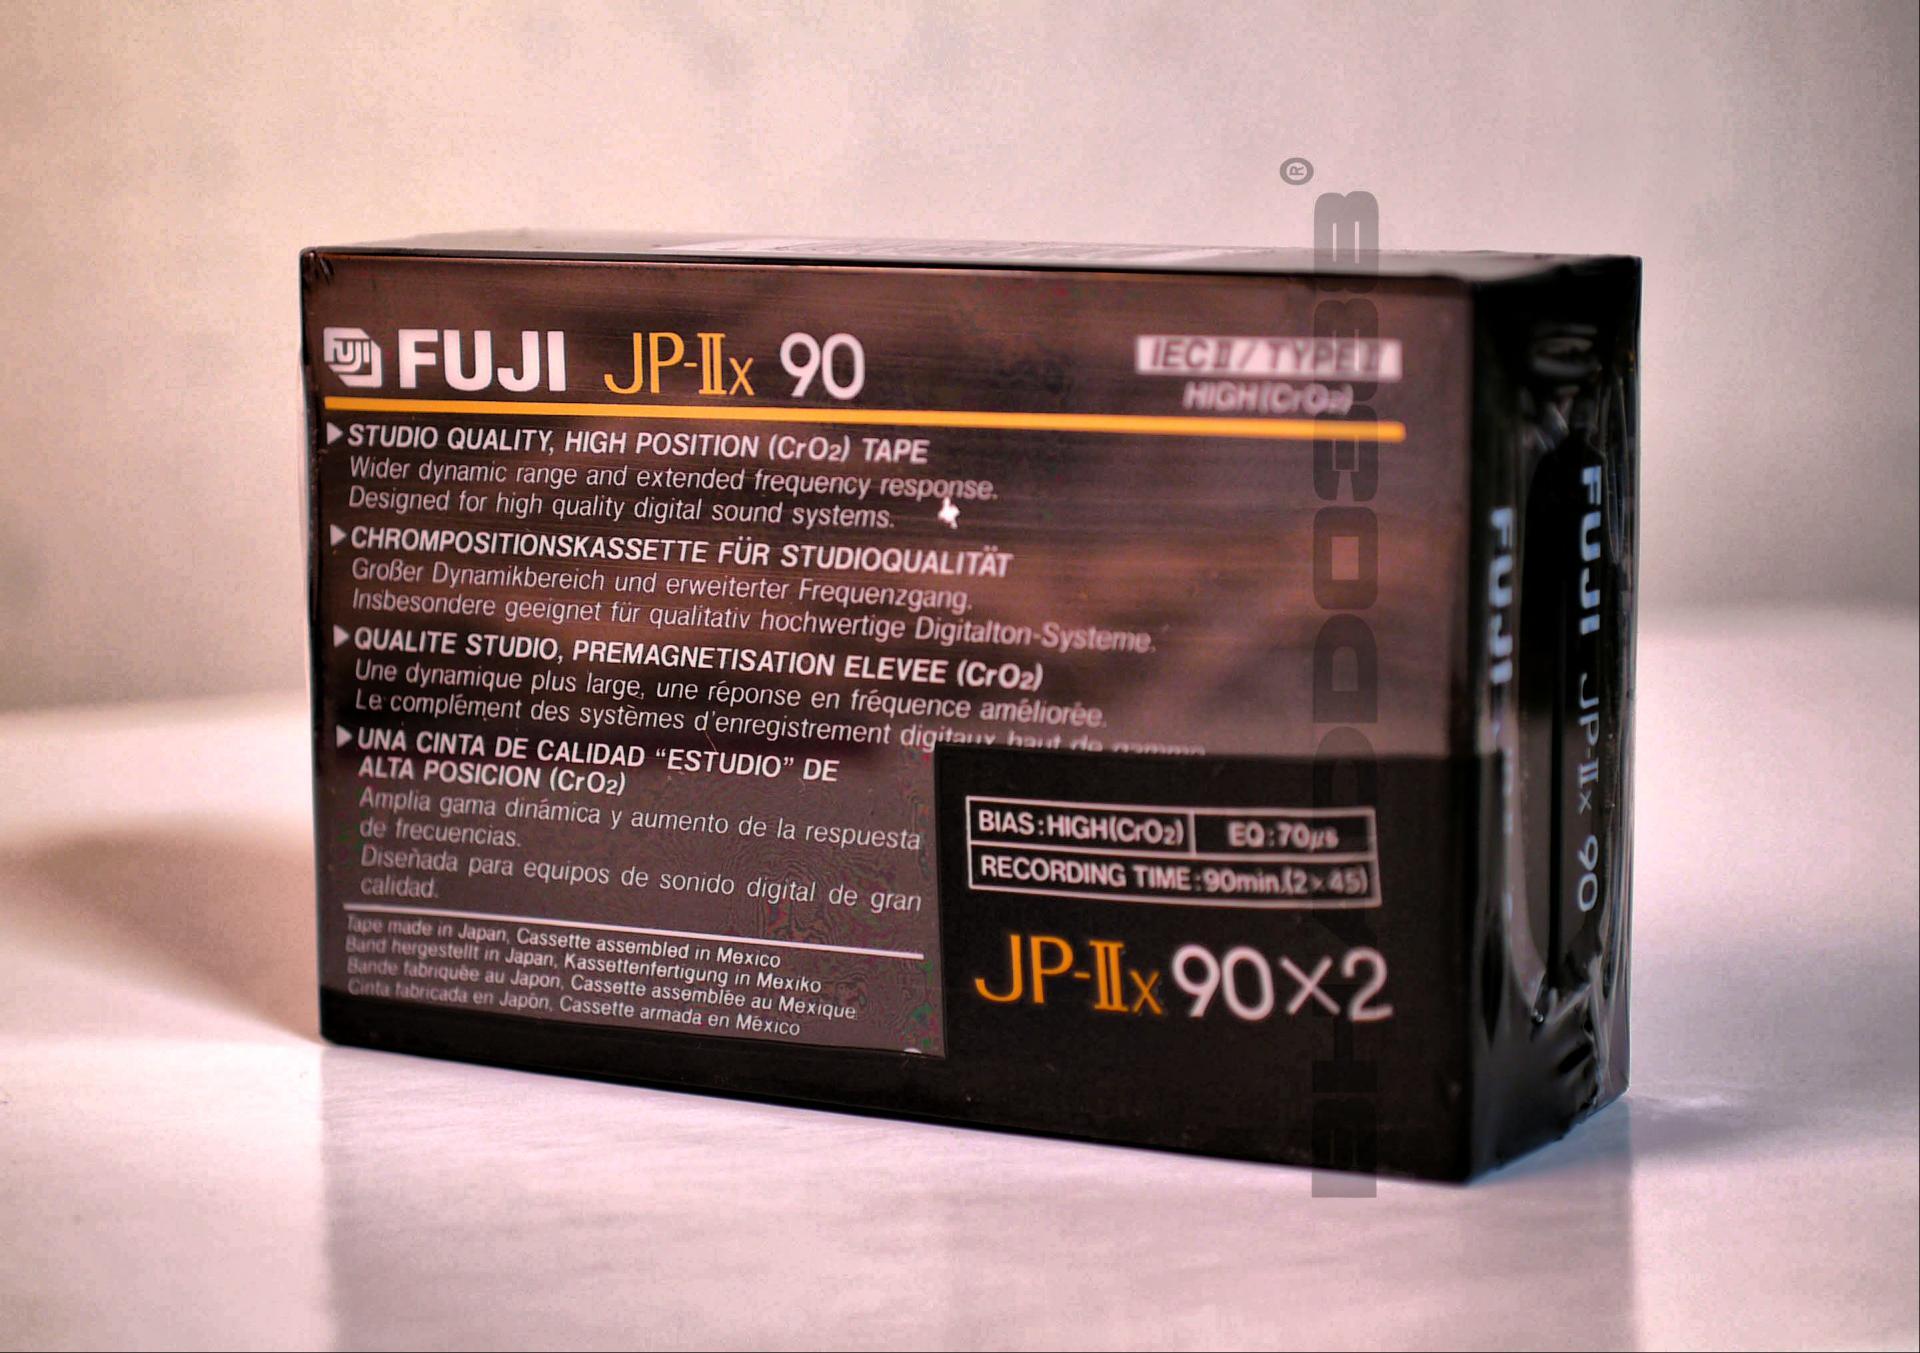 FUJI JP - 02